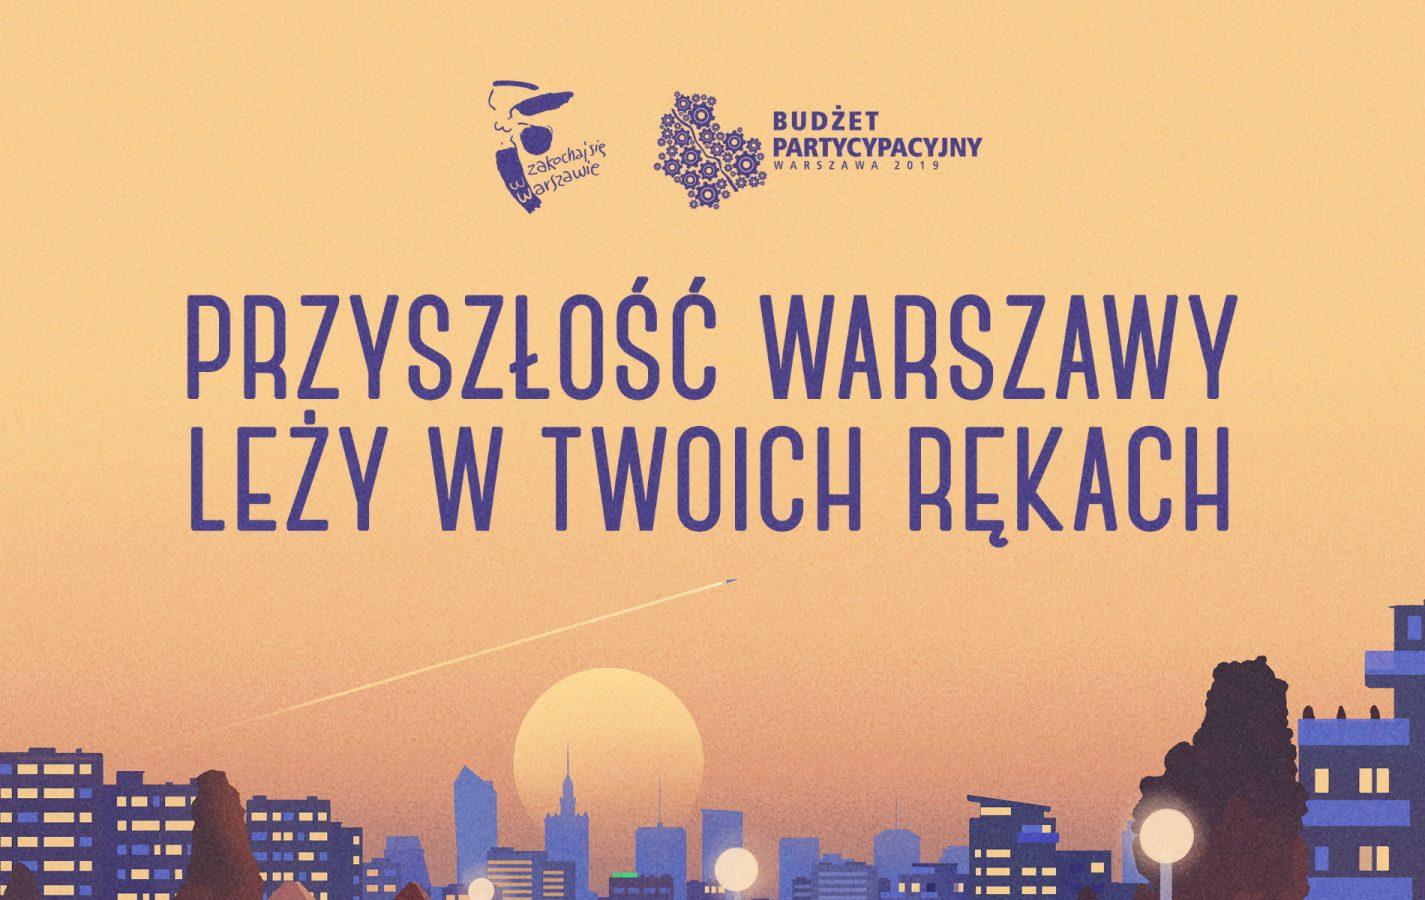 Wyniki budżetu obywatelskiego w Warszawie 2019